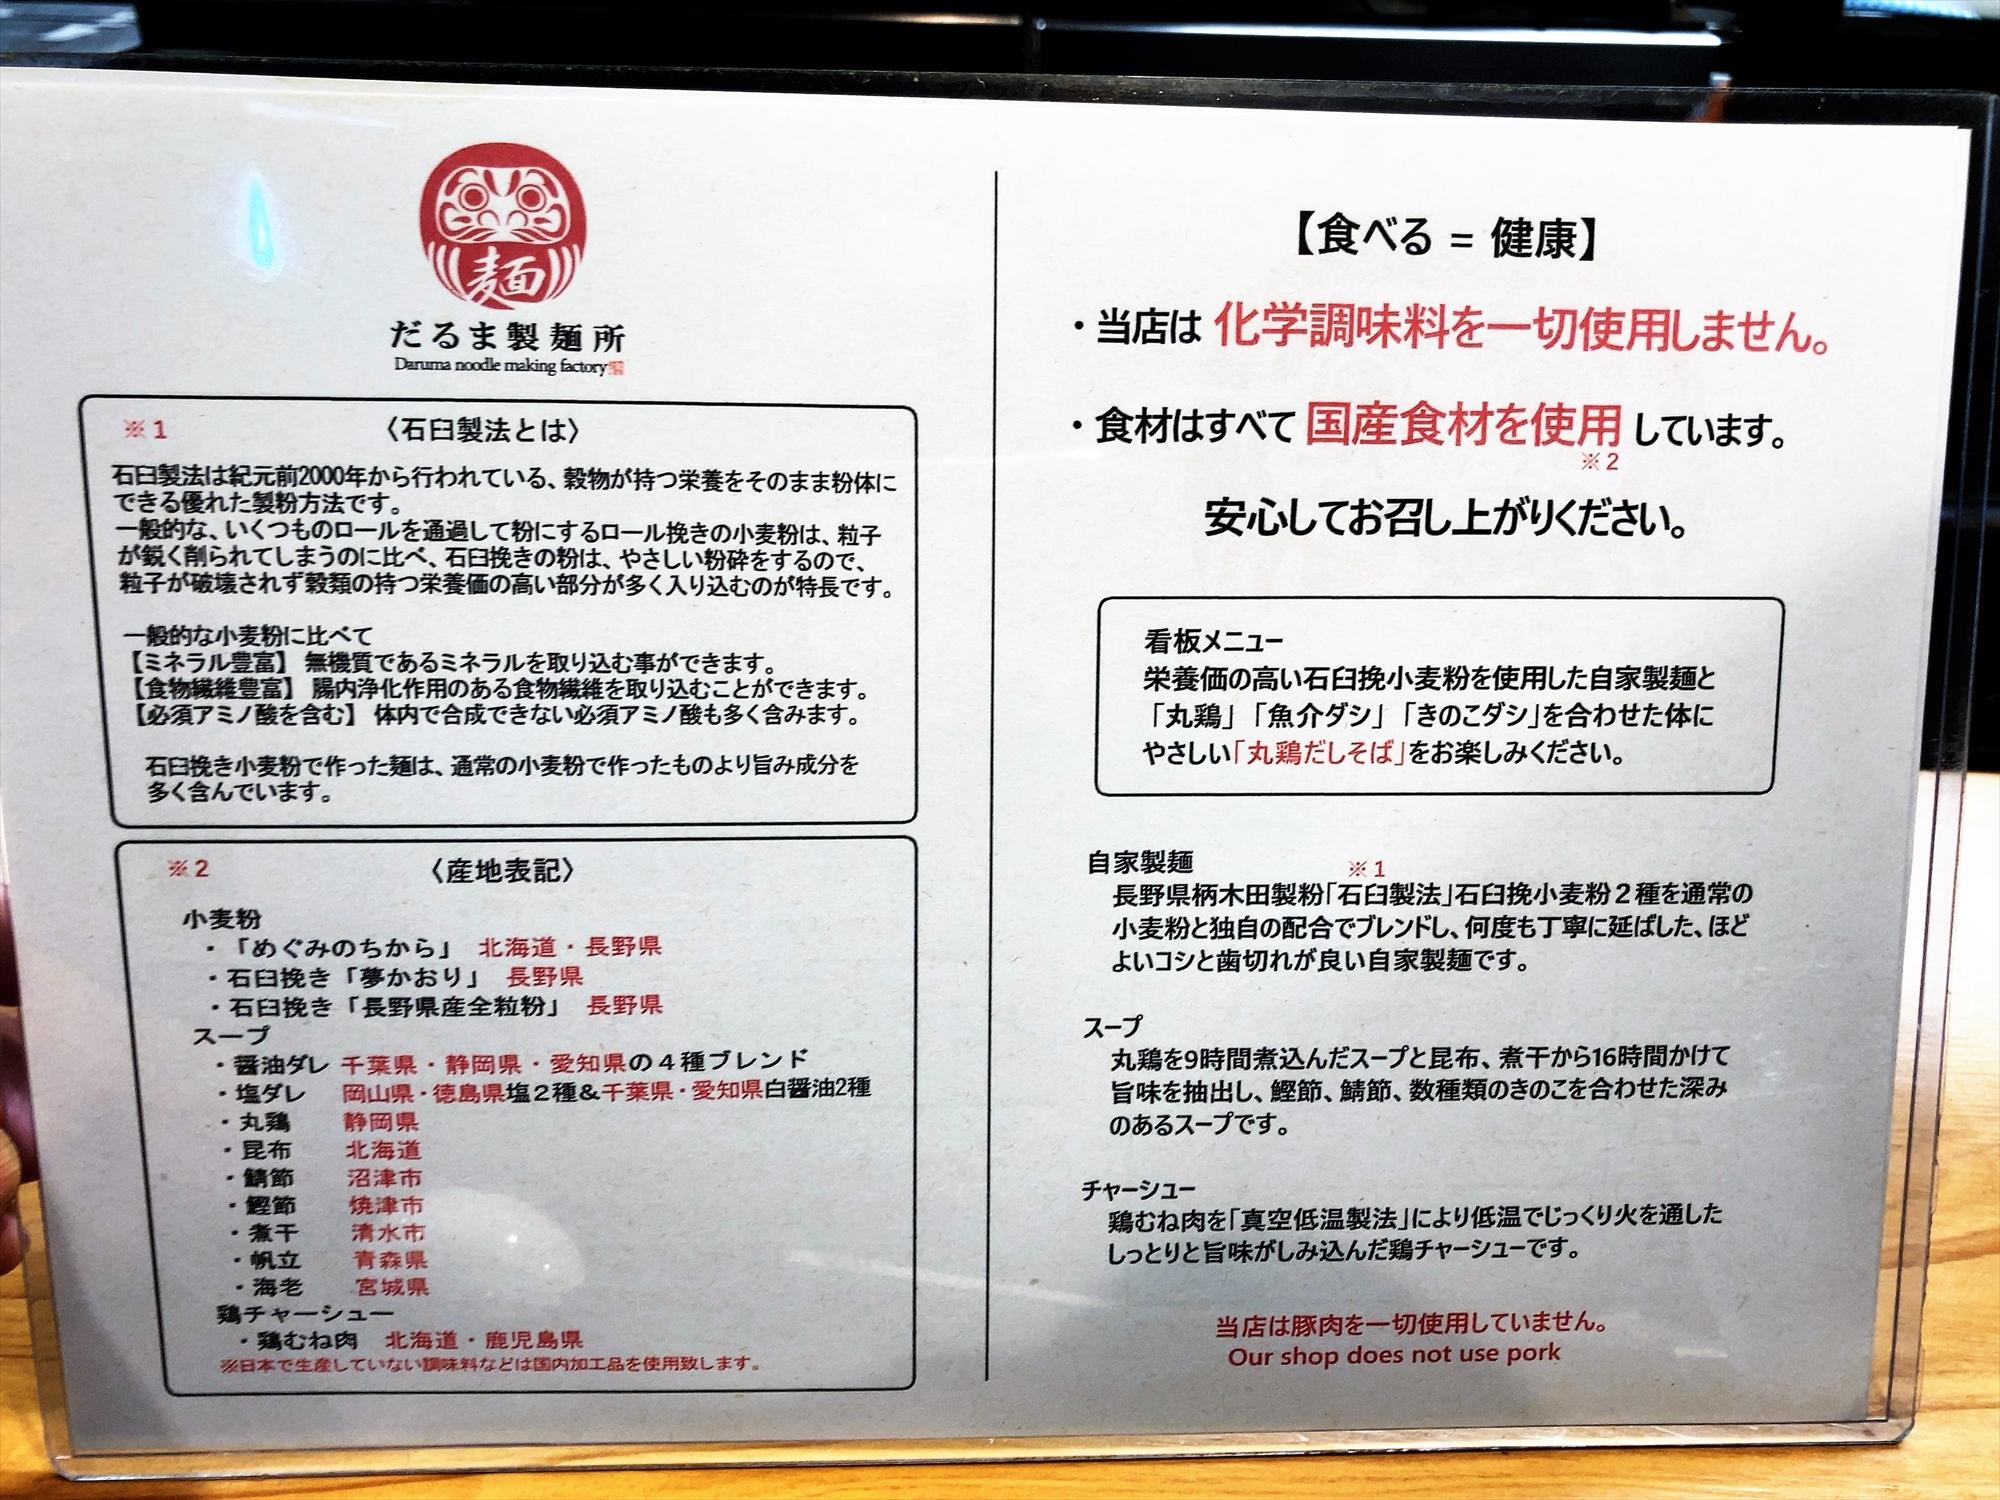 だるま製麺所の案内